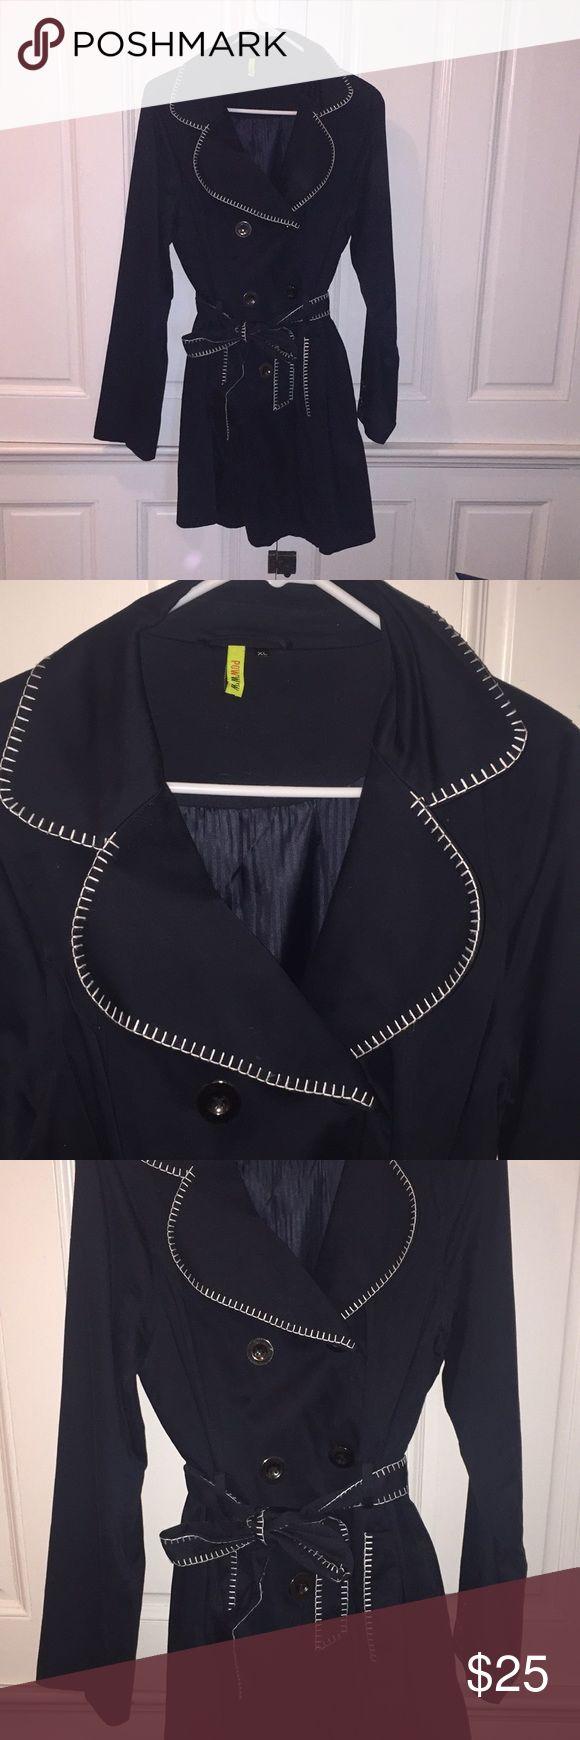 Women's Navy Rain Coat Light weight Navy Rain/Trench Coat Jackets & Coats Trench Coats